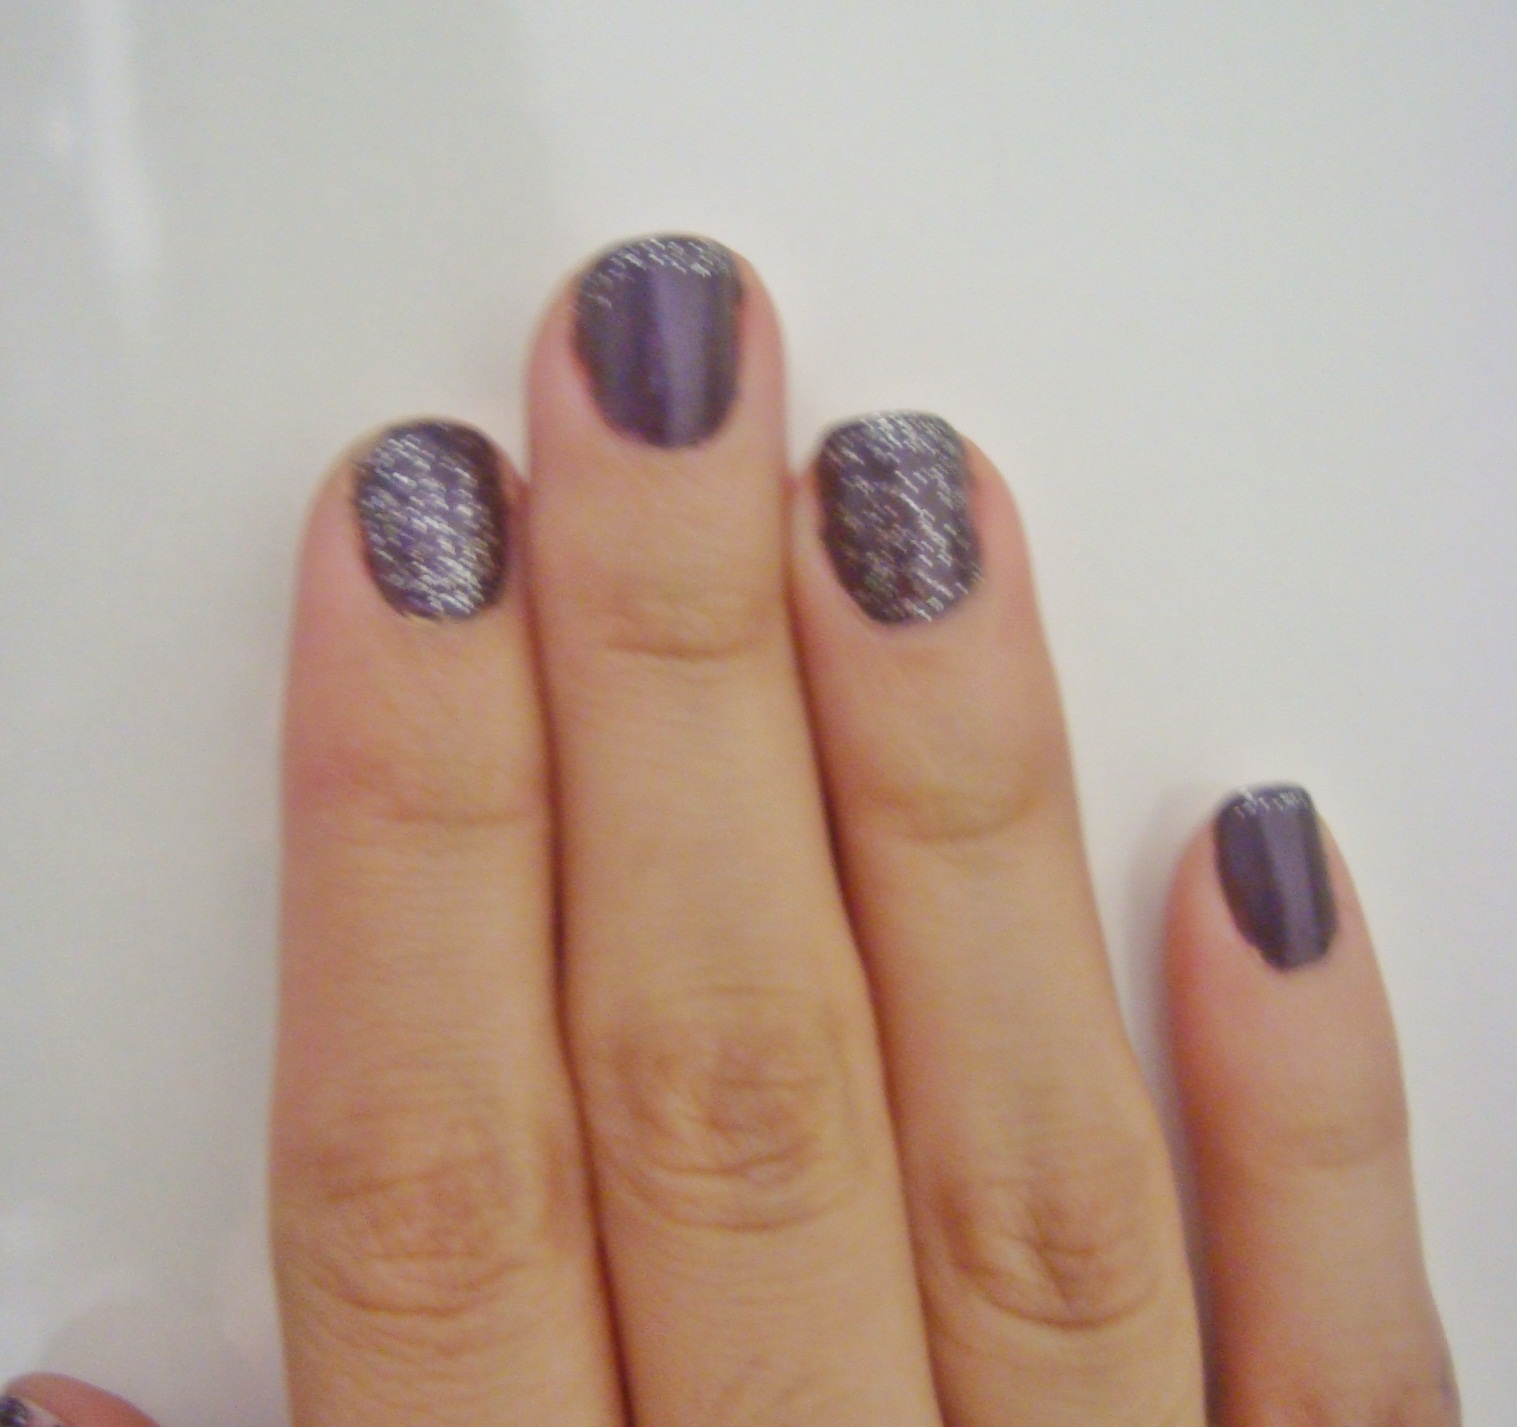 dsc06037 Esmalte da semana: Inglesinha com roxo acinzentado da Risqué e o Prata Glitter da Avon